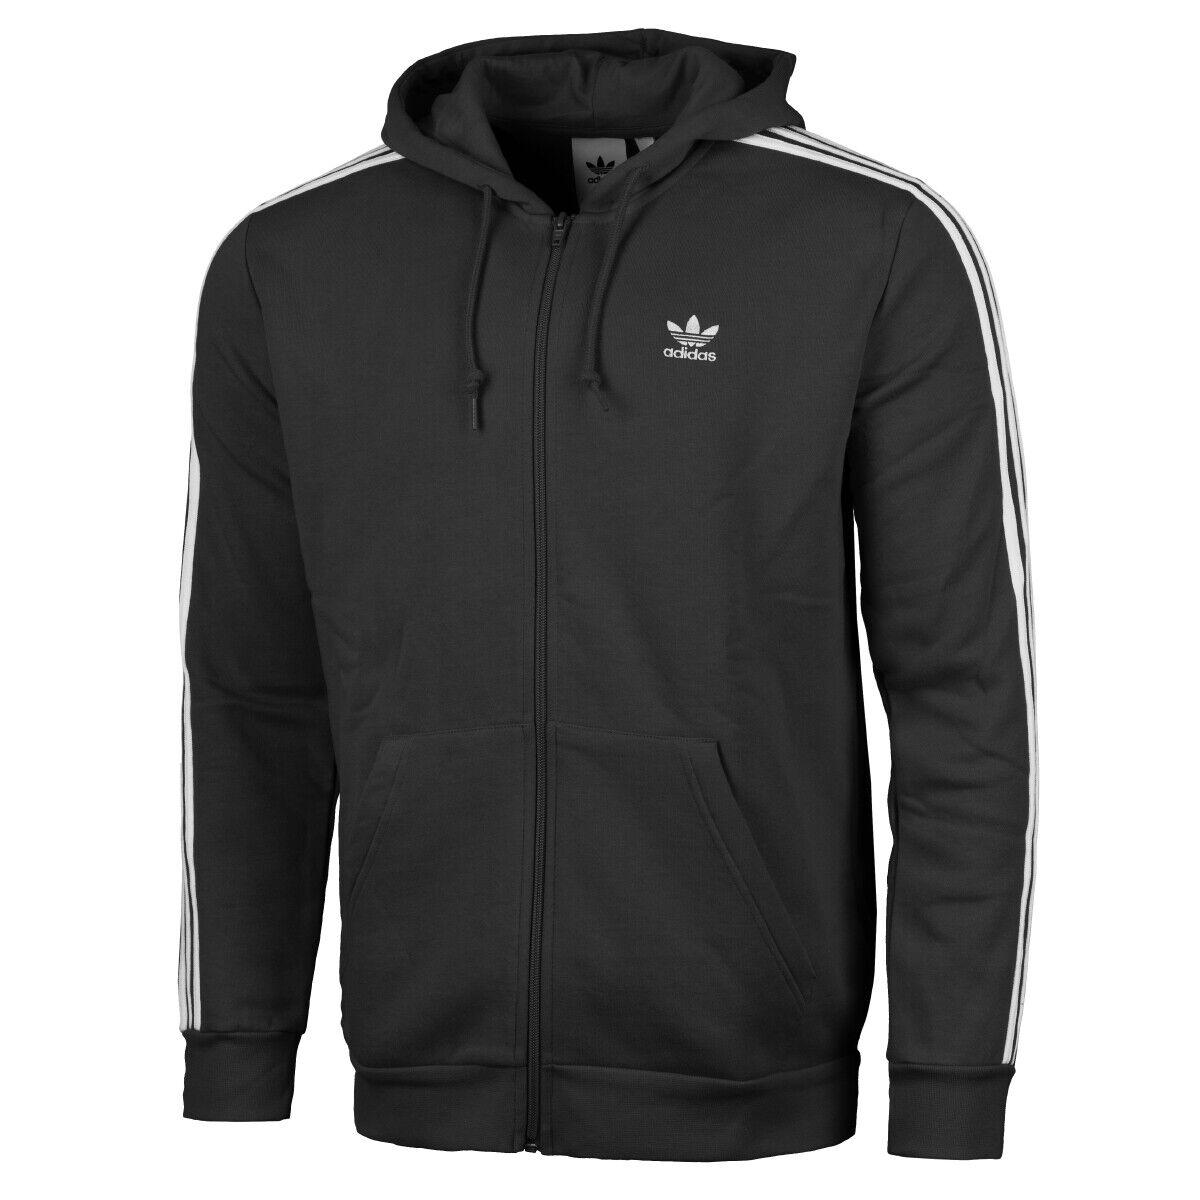 Adidas 3-Stripes Full Zip Hoodie Herren Kapuzen Jacke Sweatjacke schwarz DV1551